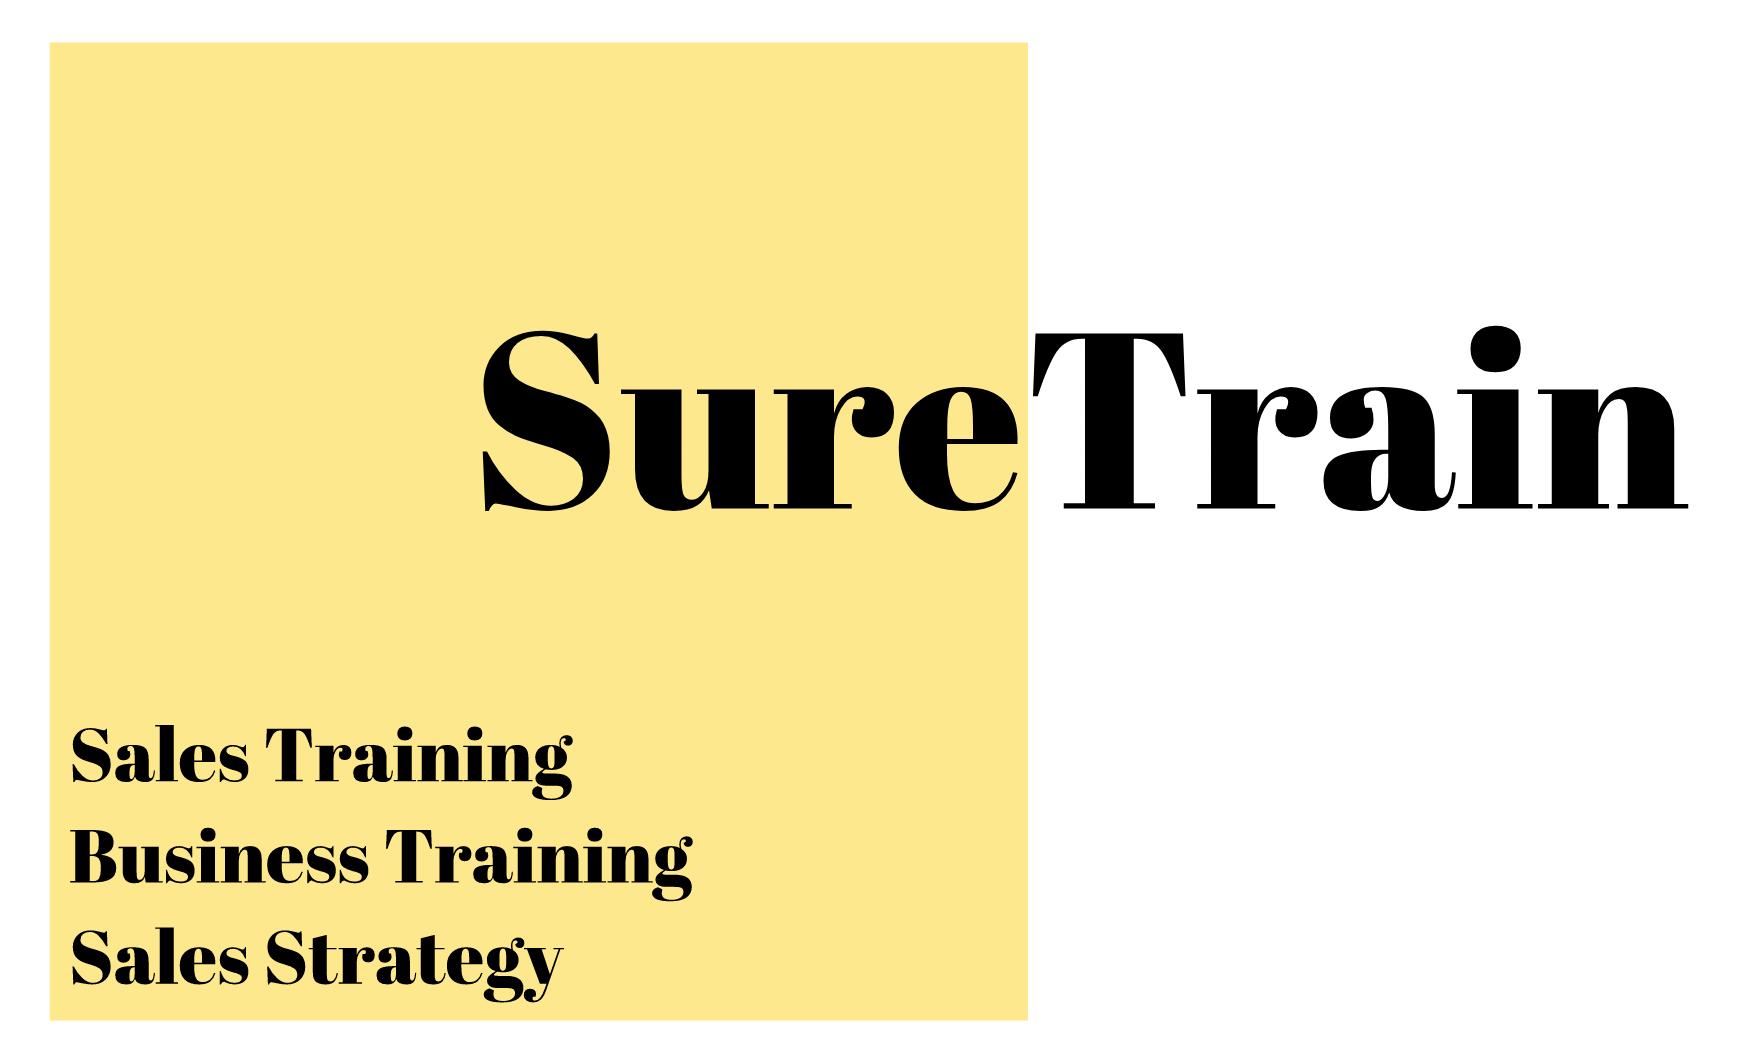 More about Suretrain Sales Training